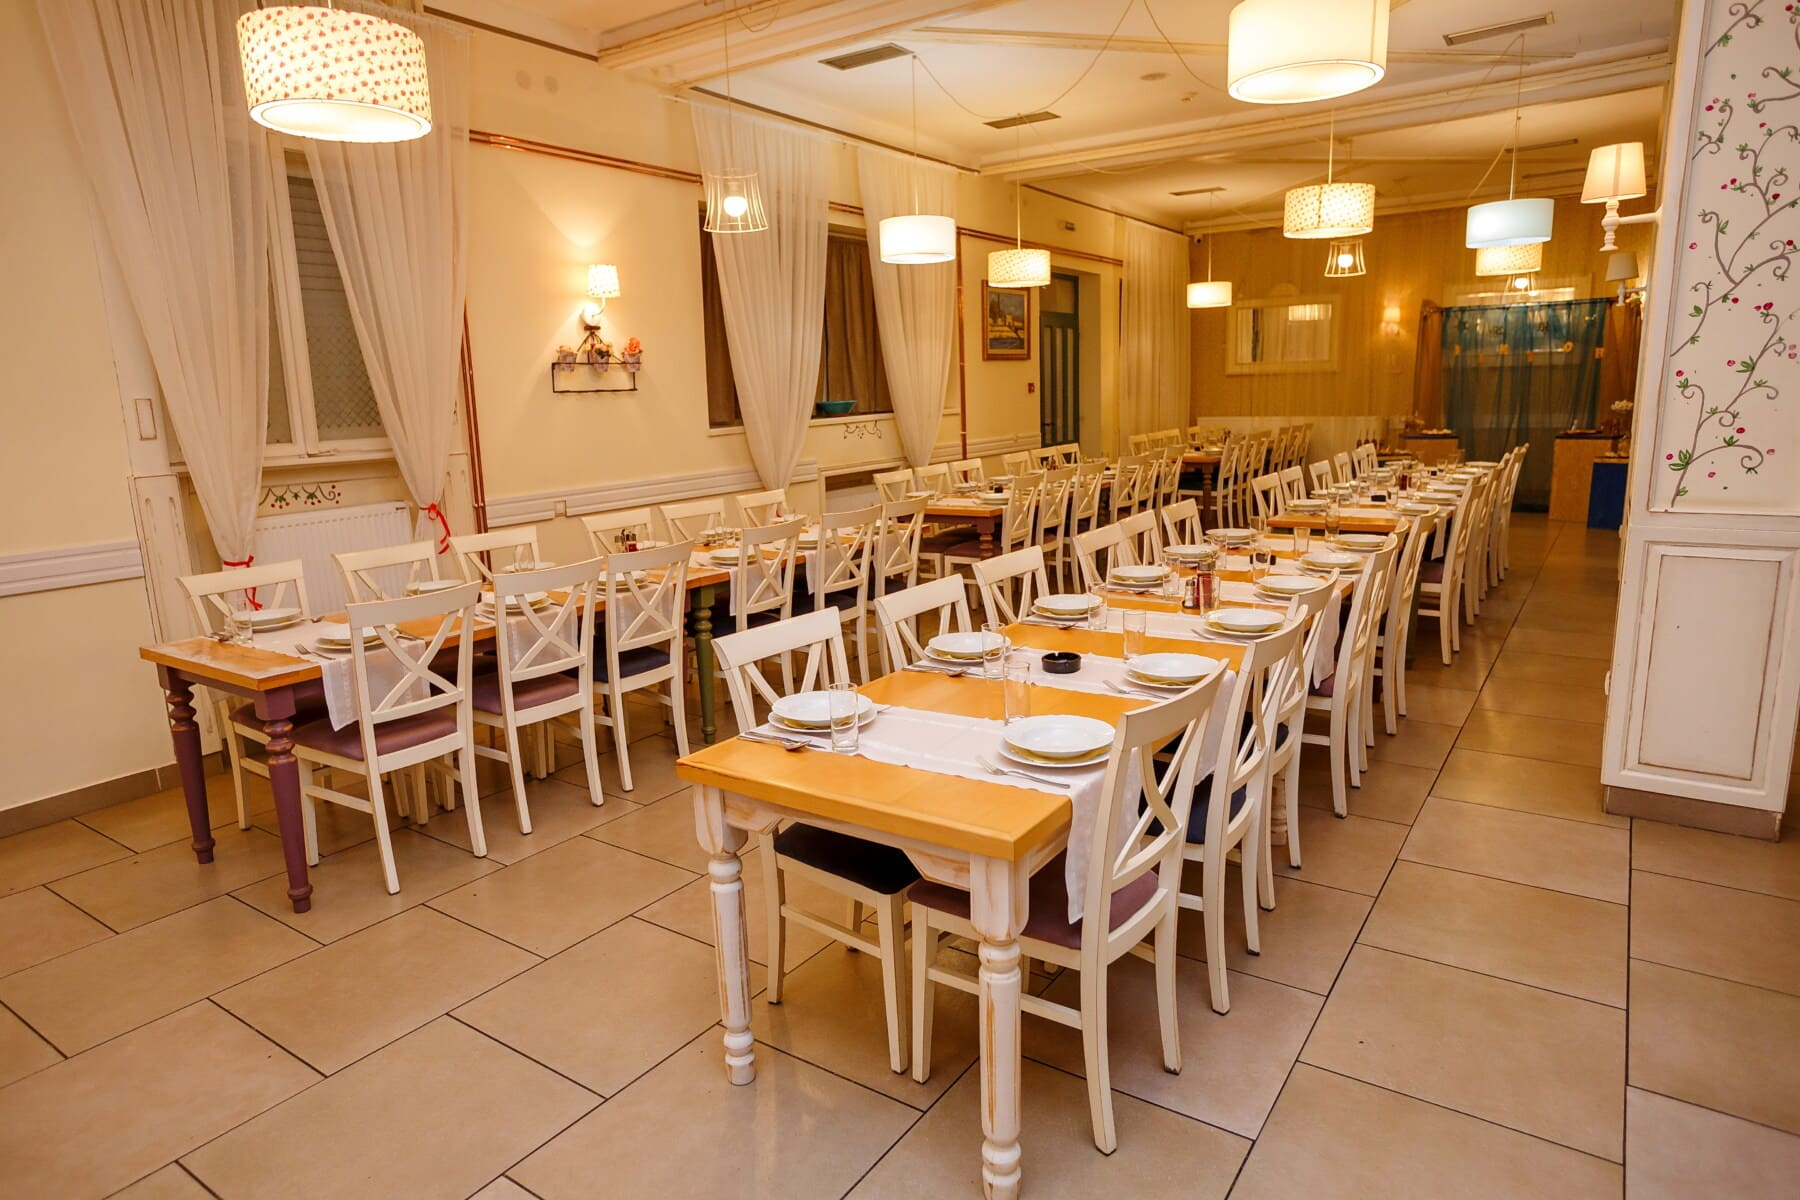 Cafeteria, Restaurant, leere, Stühle, Möbel, Tische, Lichter, Geschirr, Tischdecke, Kronleuchter